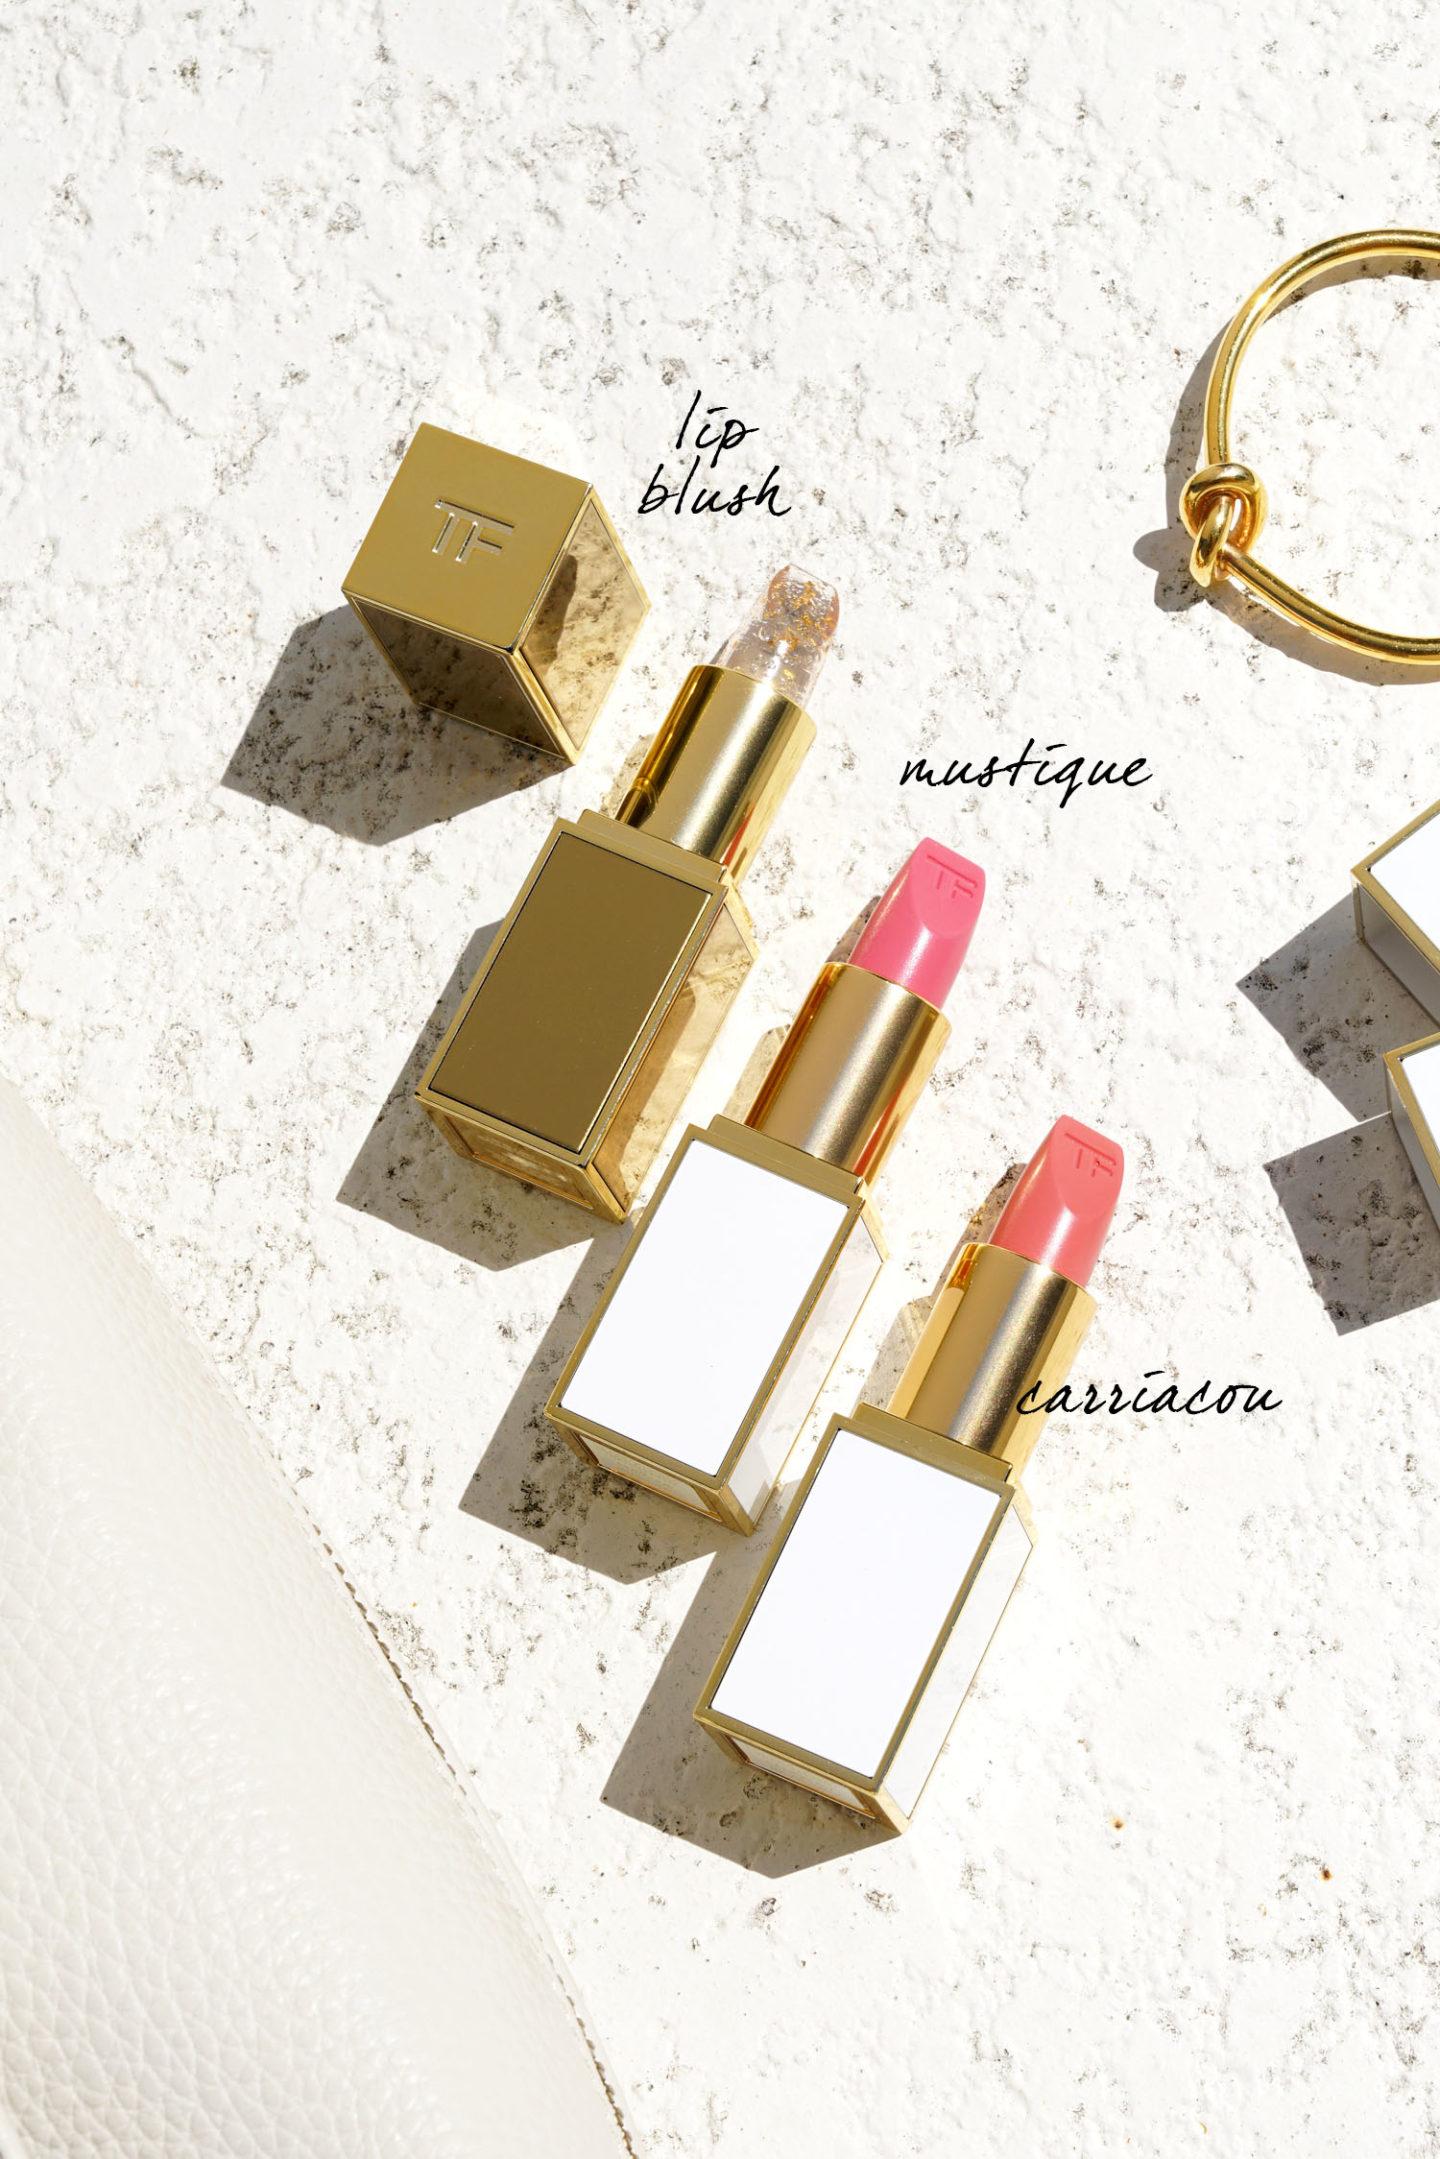 Tom Ford Soleil Lip Blush, Couleur des lèvres pure en Mustique et Carriacou